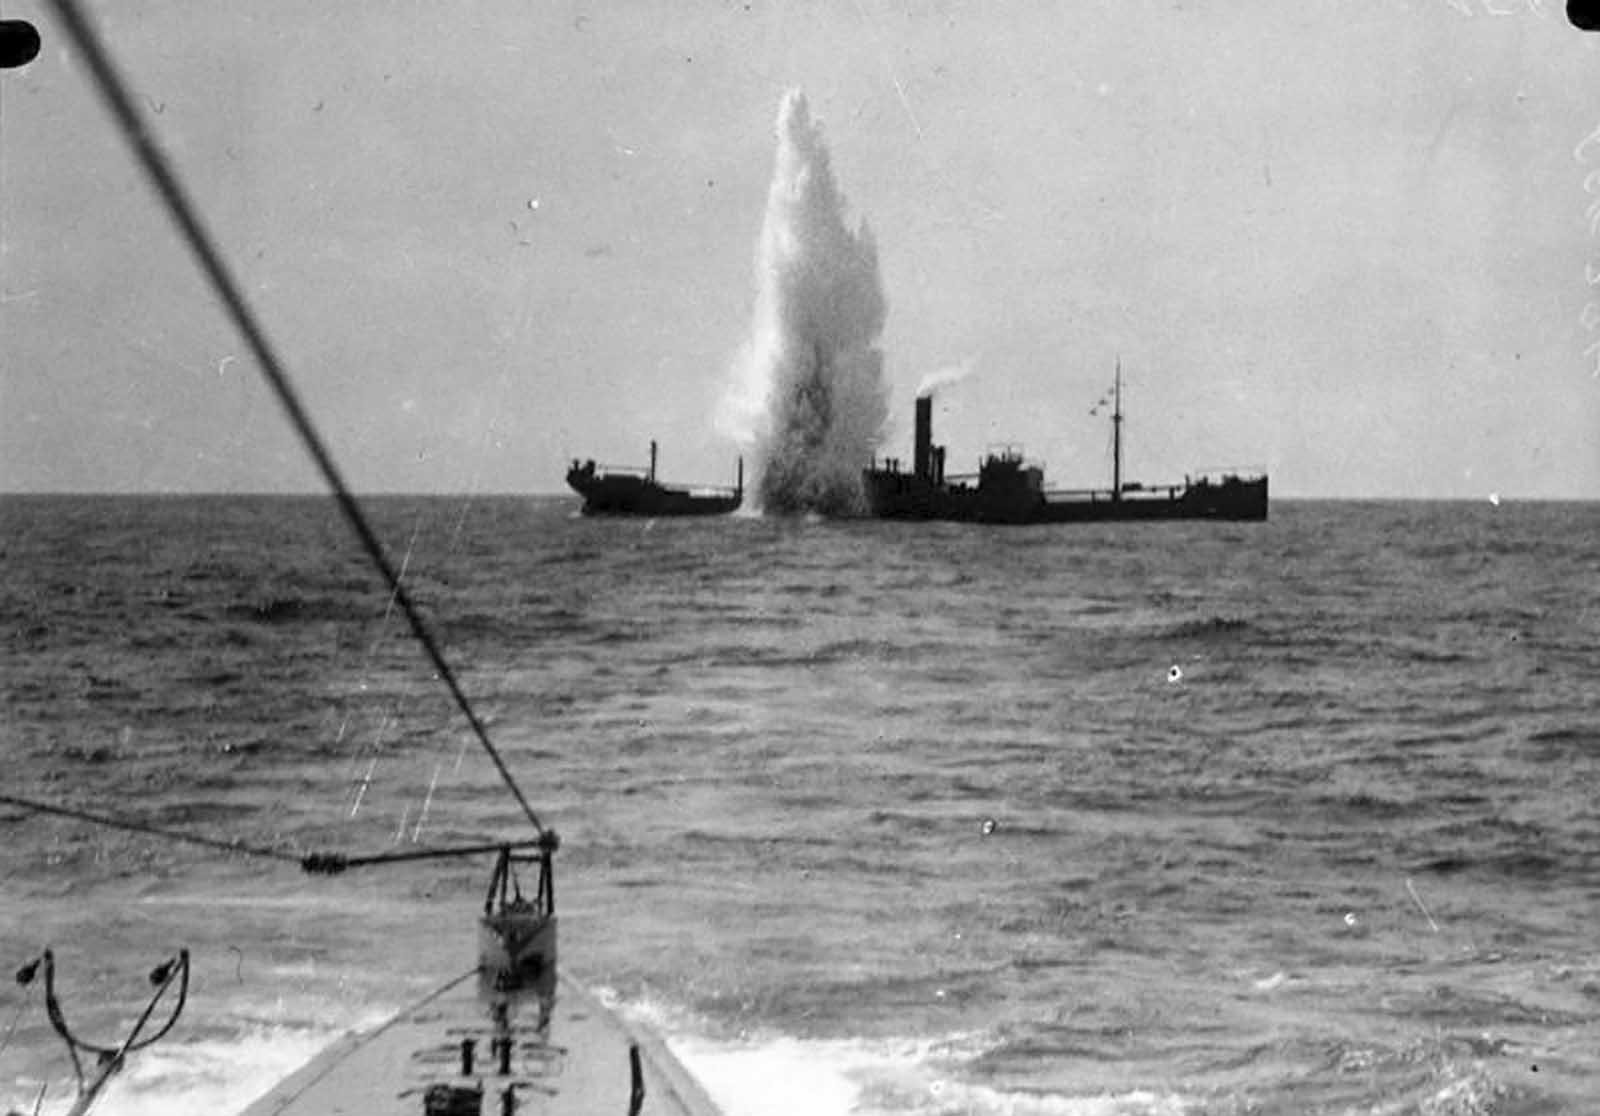 El buque de carga británico SS Maplewood fue atacado por el submarino alemán SM U-35 el 7 de abril de 1917, a 47 millas náuticas / 87 km al suroeste de Cerdeña. El U-35 participó en toda la guerra, convirtiéndose en el submarino más exitoso en la Primera Guerra Mundial, hundiendo 224 barcos y matando a miles.